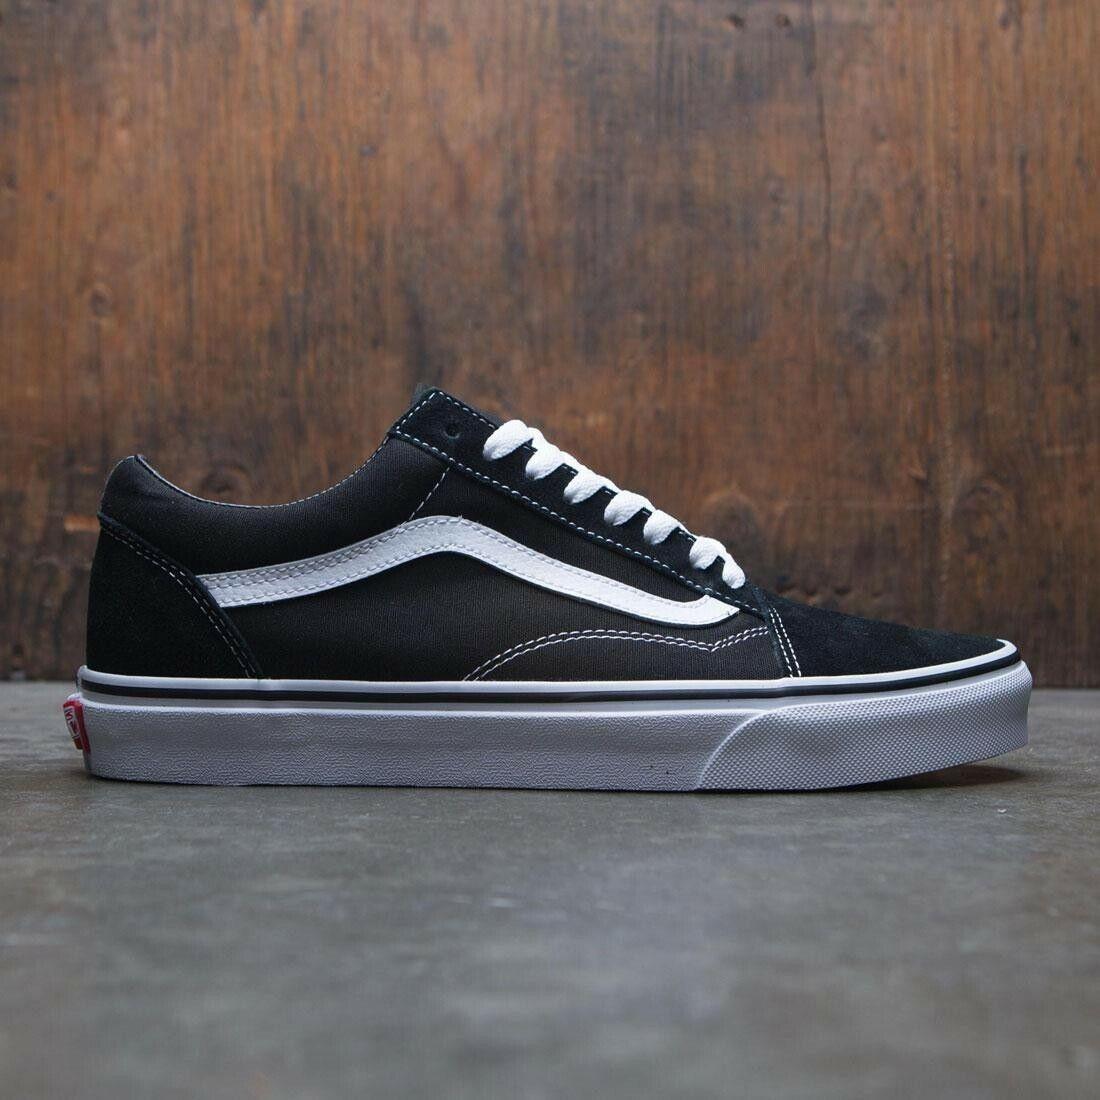 VANS Old Skool Black Size 15 for sale